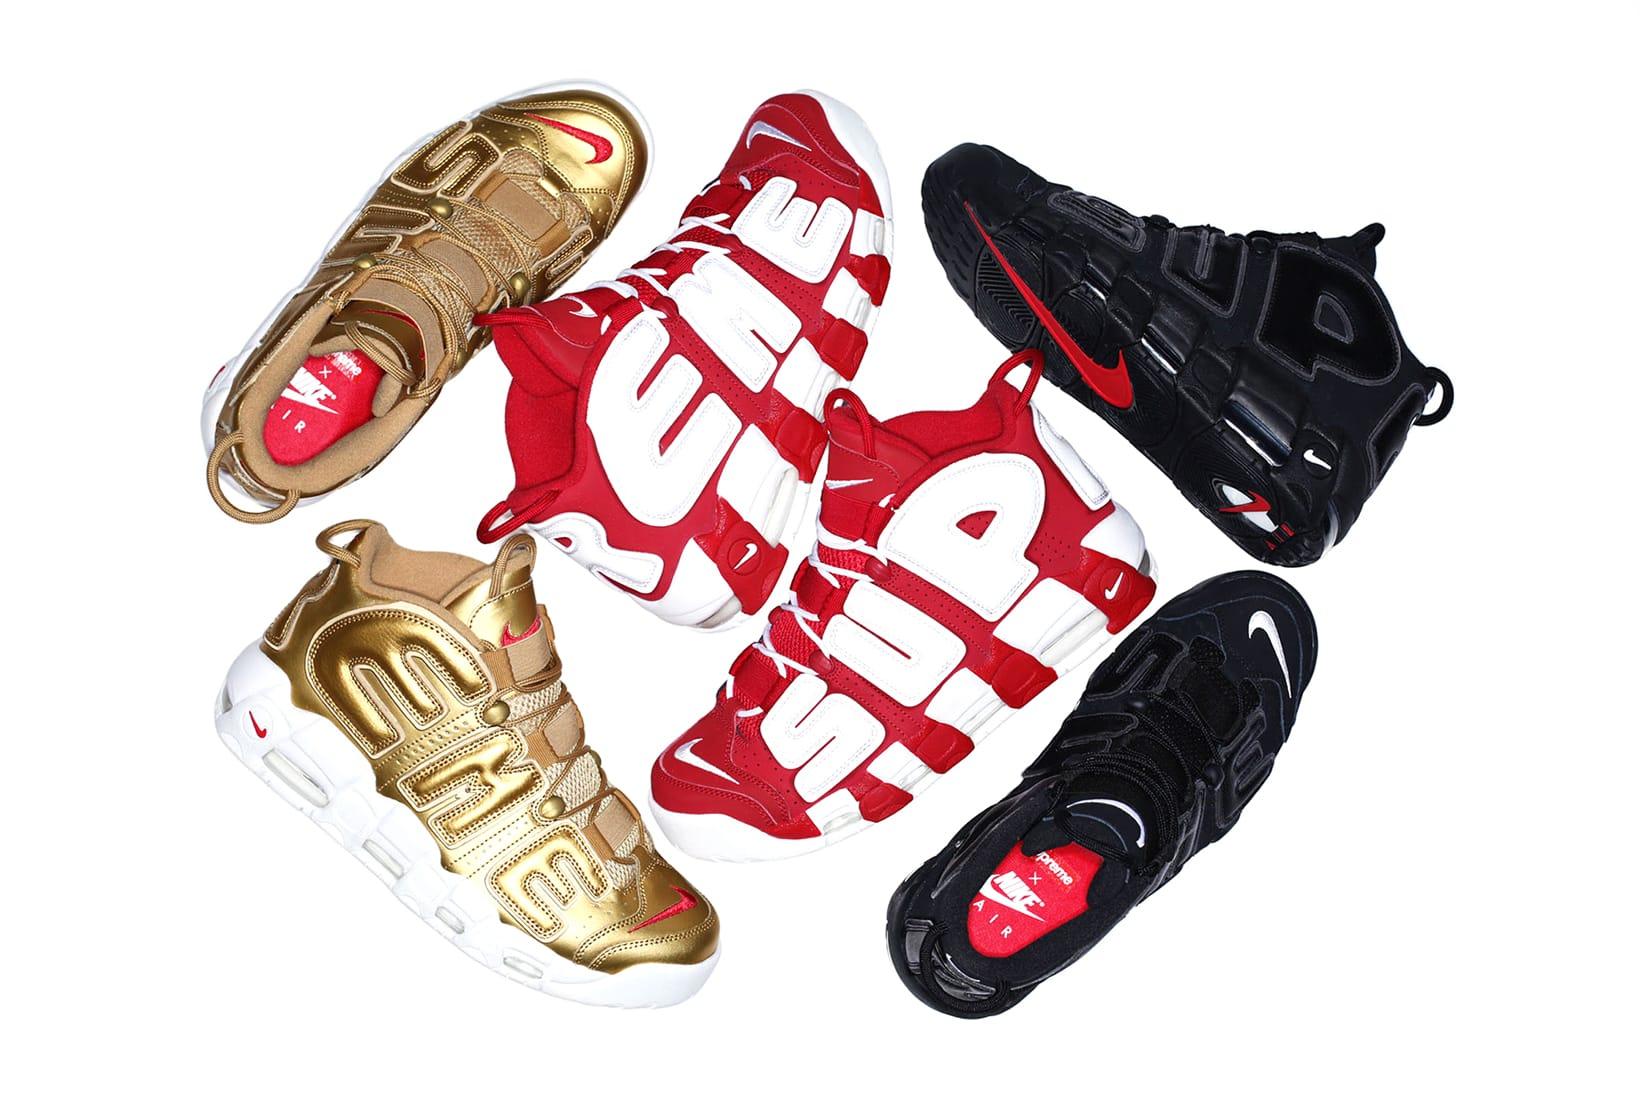 sneaker releases this weekend